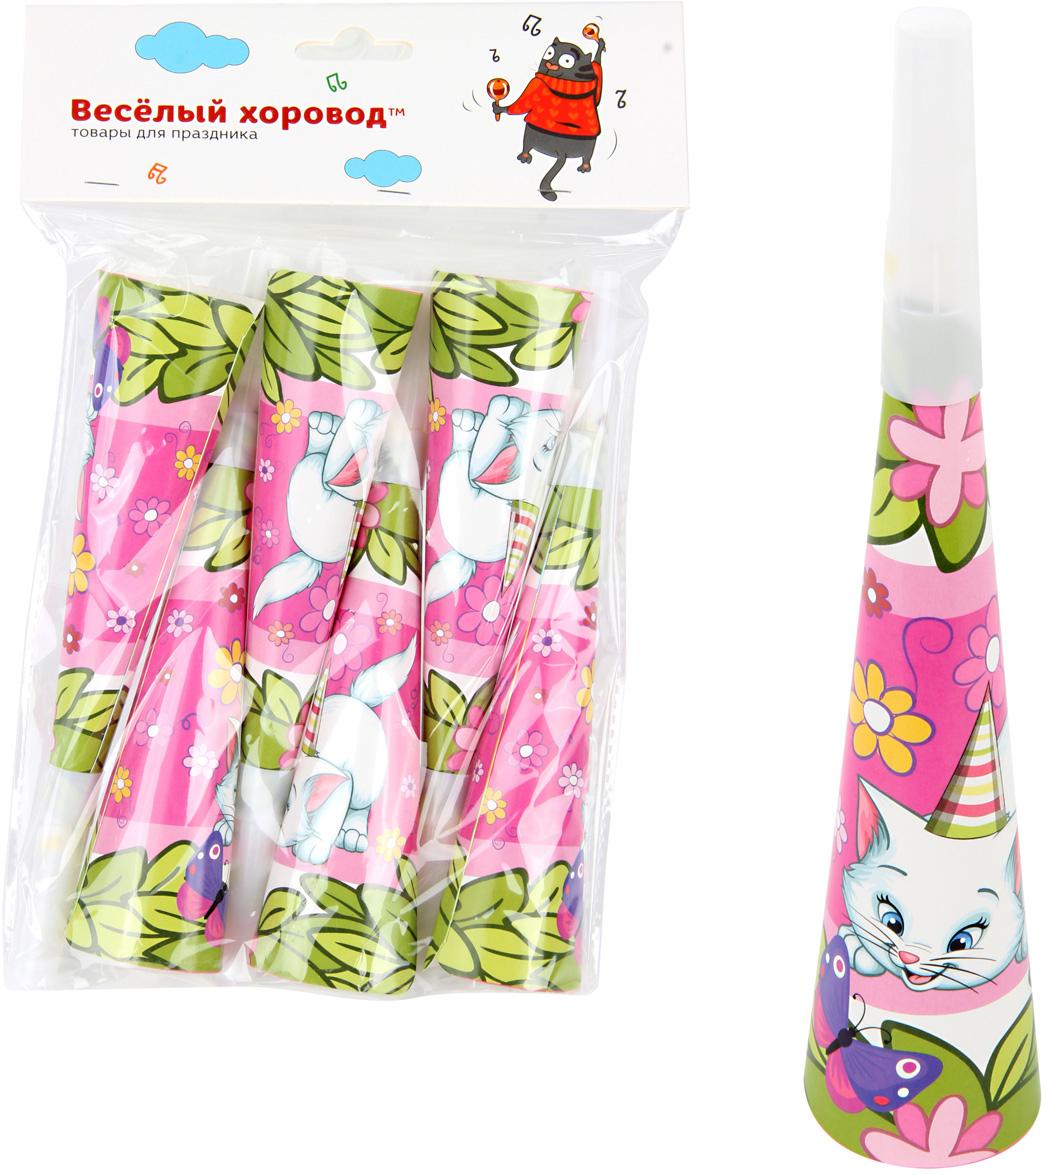 Веселый хоровод Набор горнов Розовая Фантазия 6 шт 20 см -  Аксессуары для детского праздника